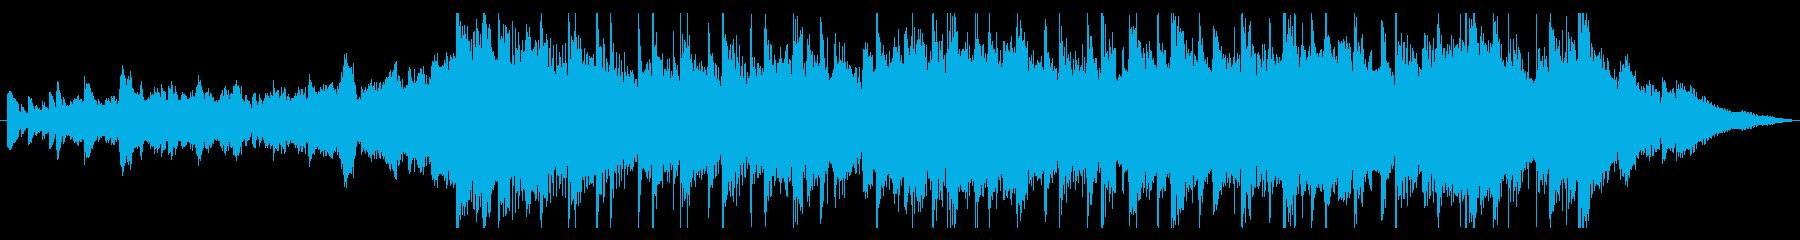 [30秒] 未来 期待 高揚感 走り去るの再生済みの波形